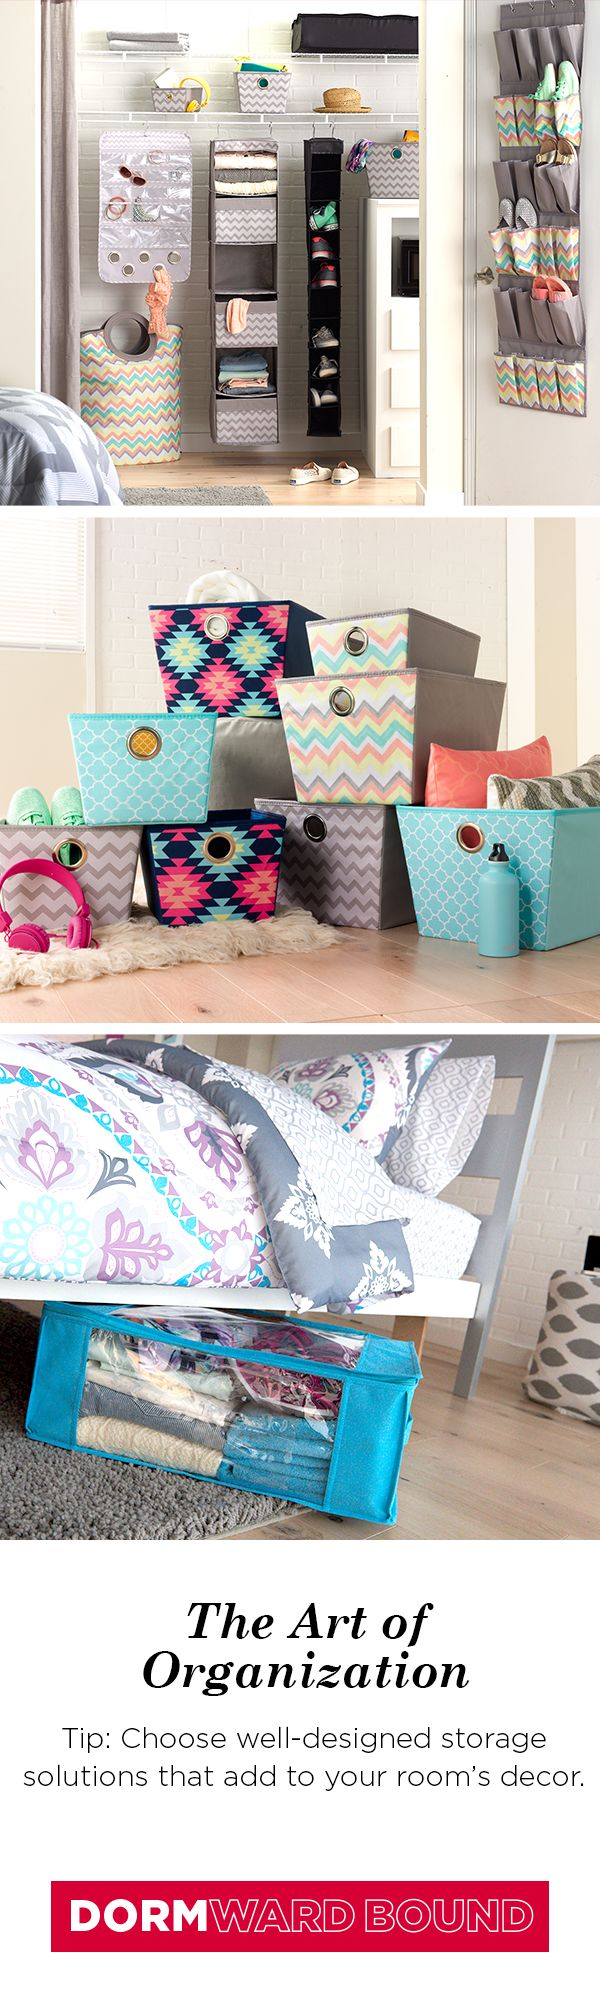 Best 25+ College Dorm Storage Ideas On Pinterest | Dorm Ideas, College Dorm  Decorations And College Dorms Part 57